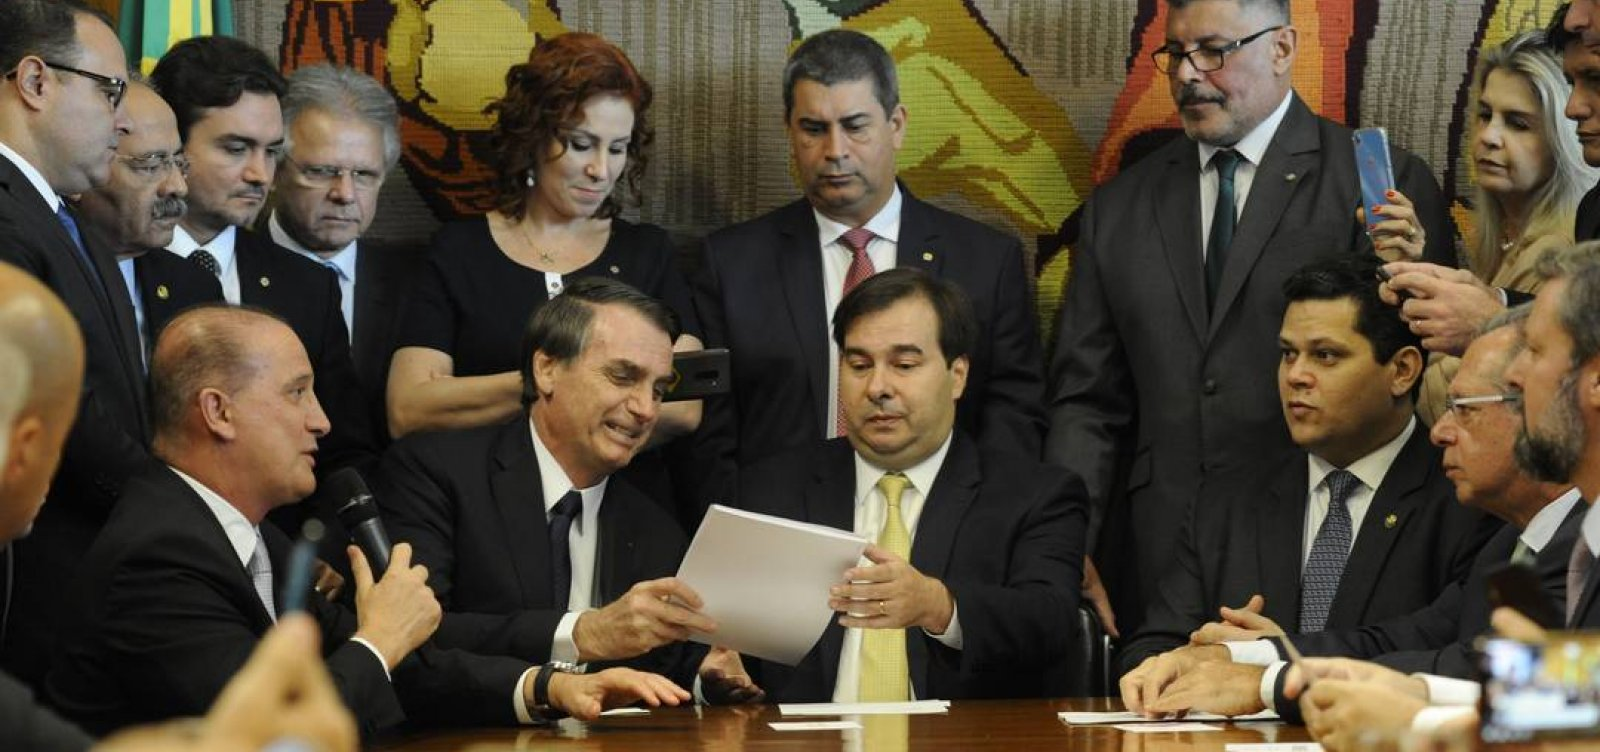 [Ainda sem incluir militares, Bolsonaro apresenta ao Congresso proposta de reforma da Previdência ]